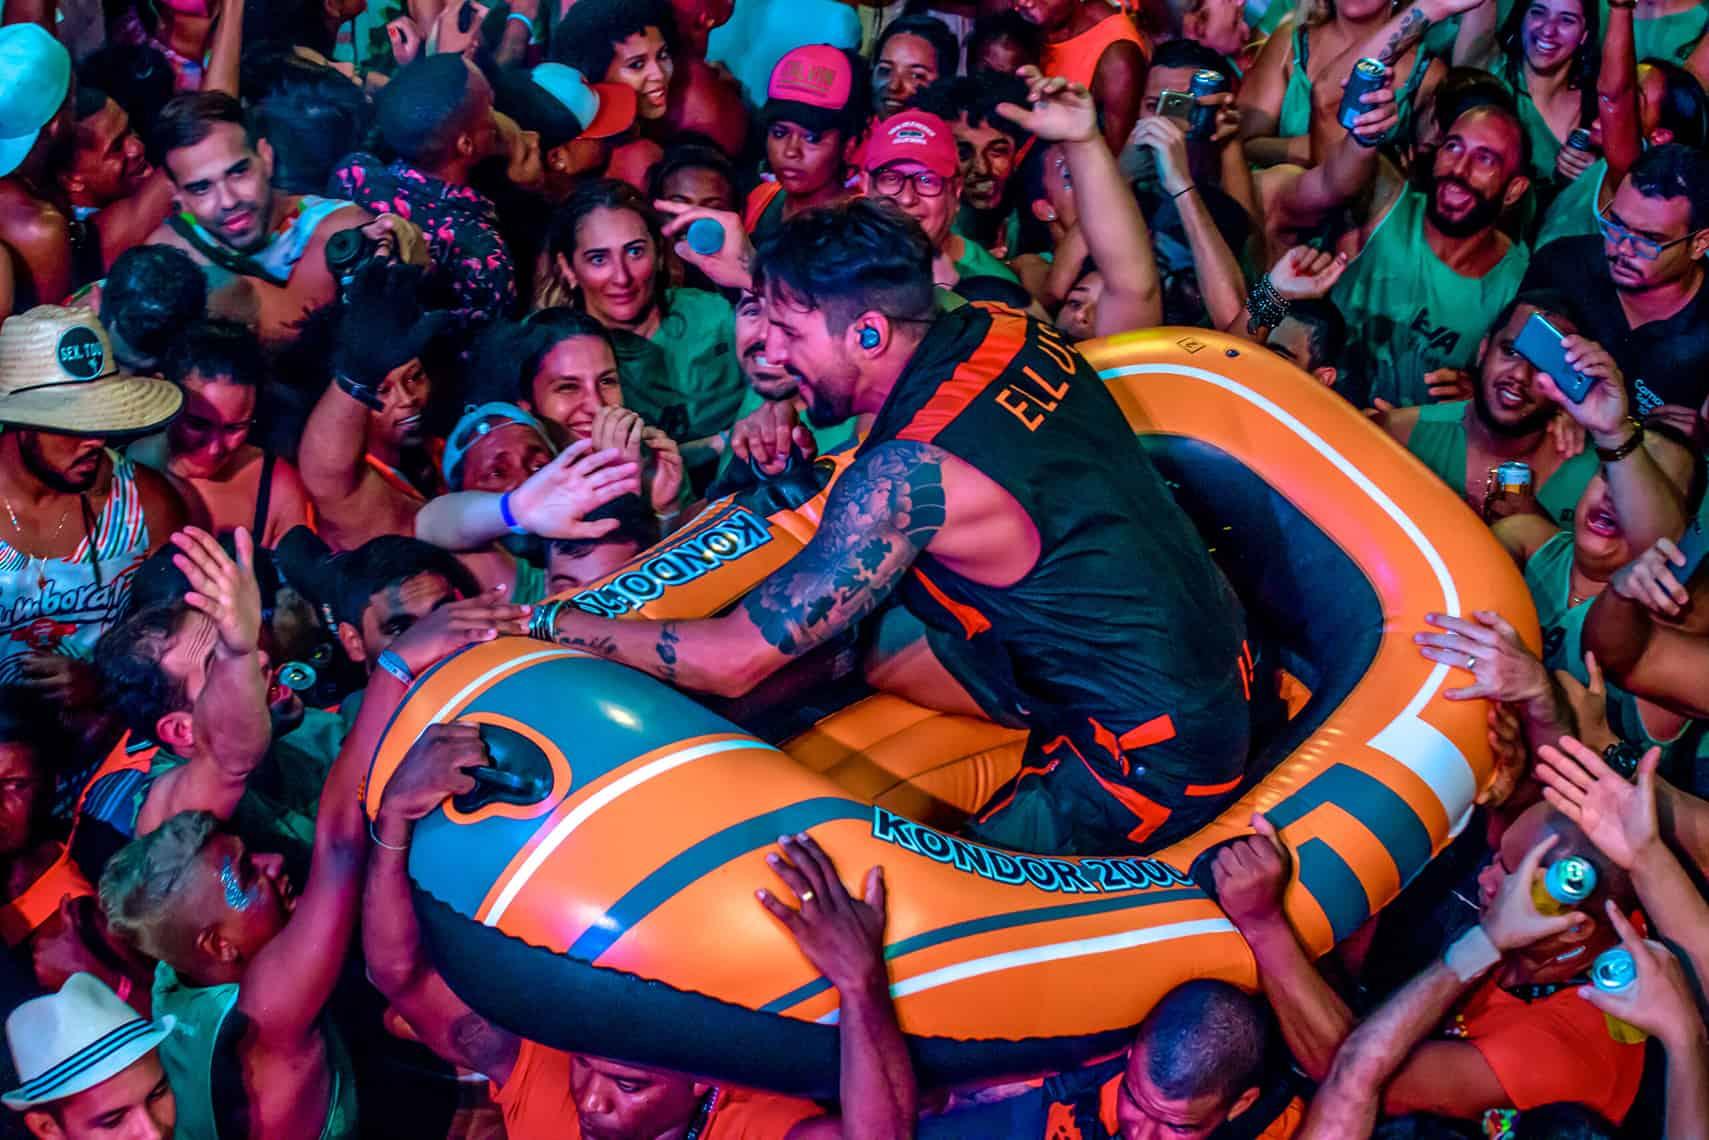 Foto do cantor Felipe Pezzoni cantando em cima de um bote inflável carregado pelos foliões do bloco EVA